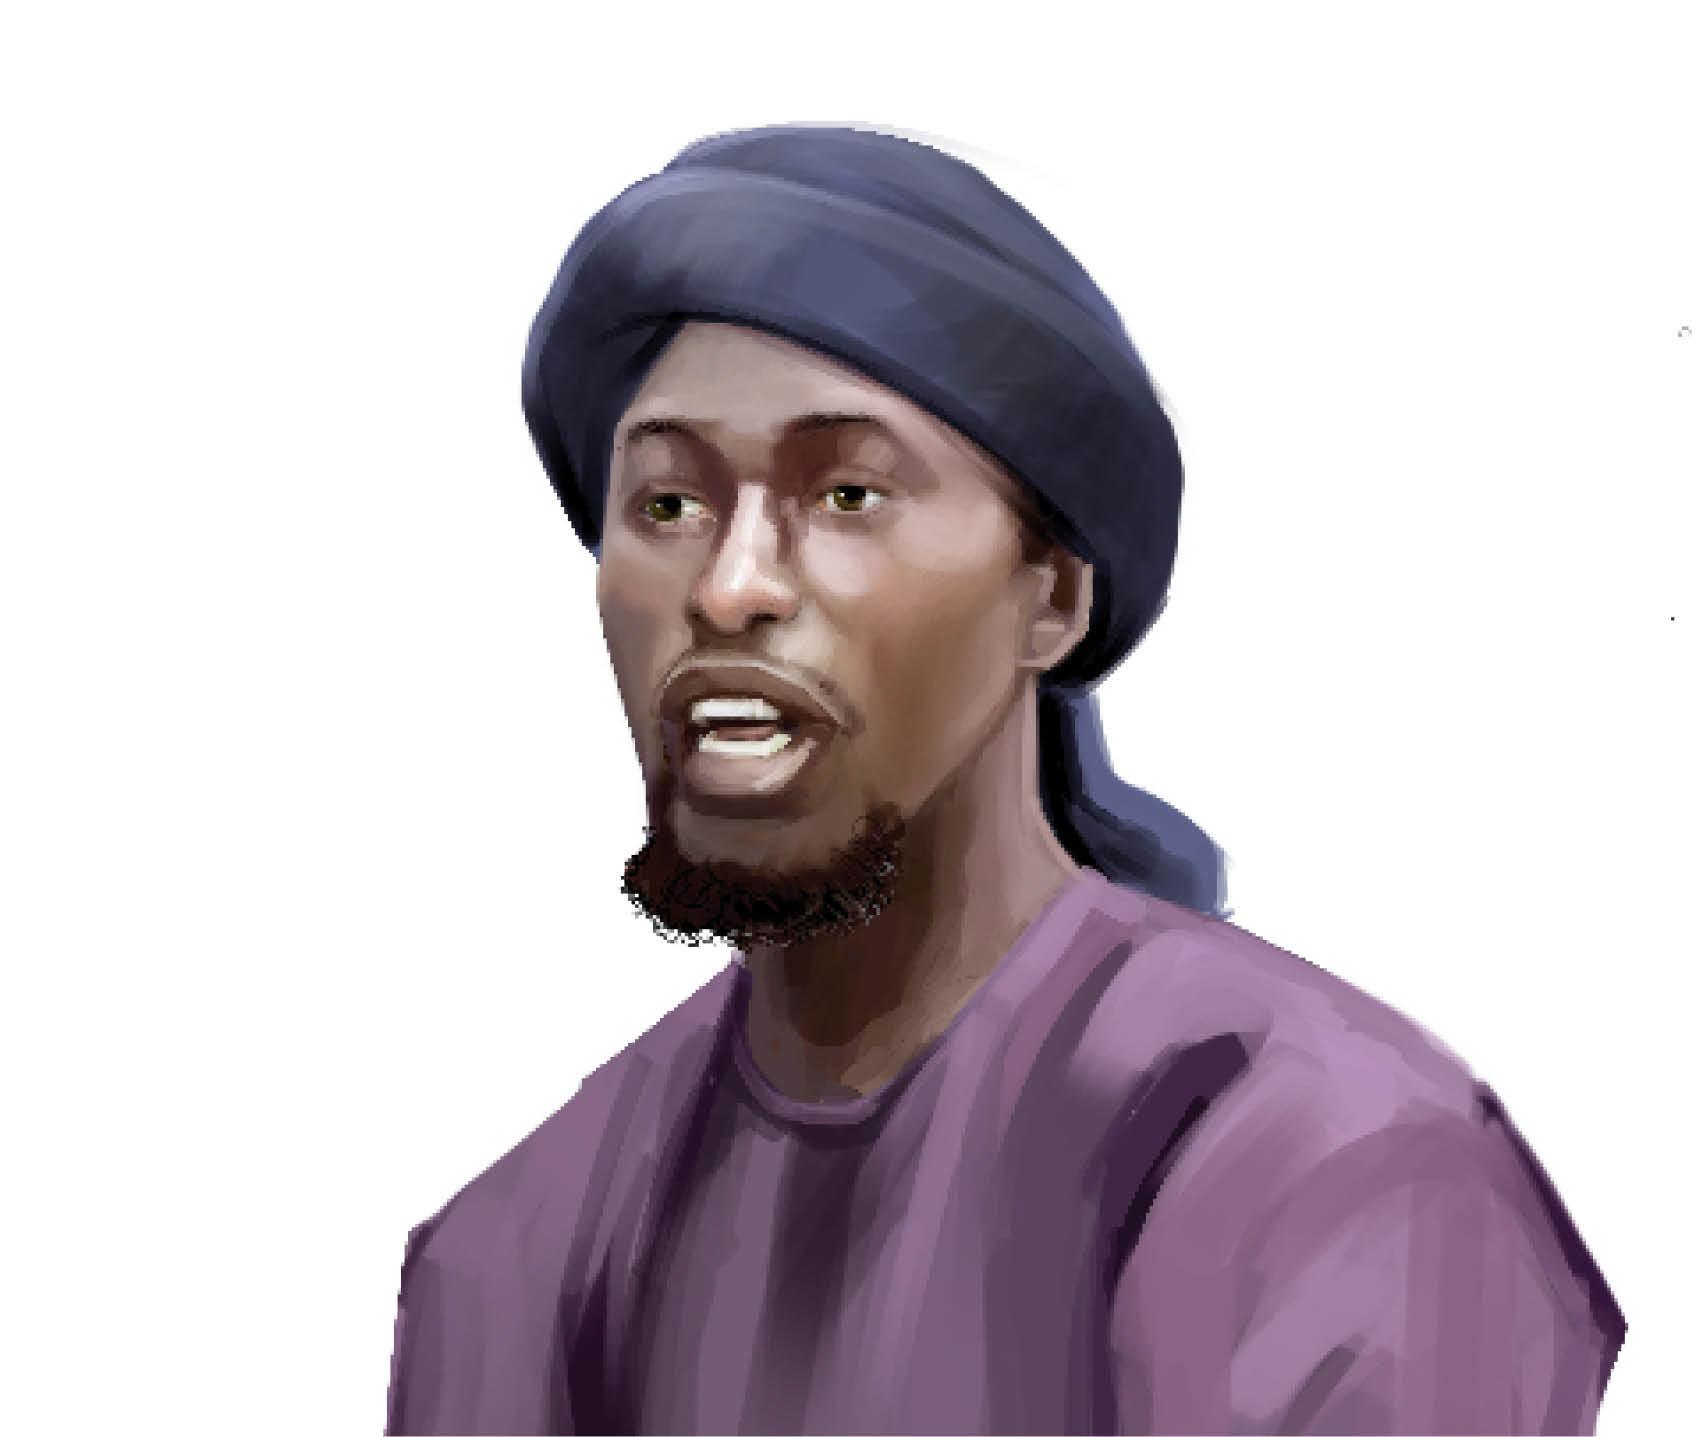 Nigerian military finally confirms death of ISWAP leader, Abu Musab Al-Barnawi